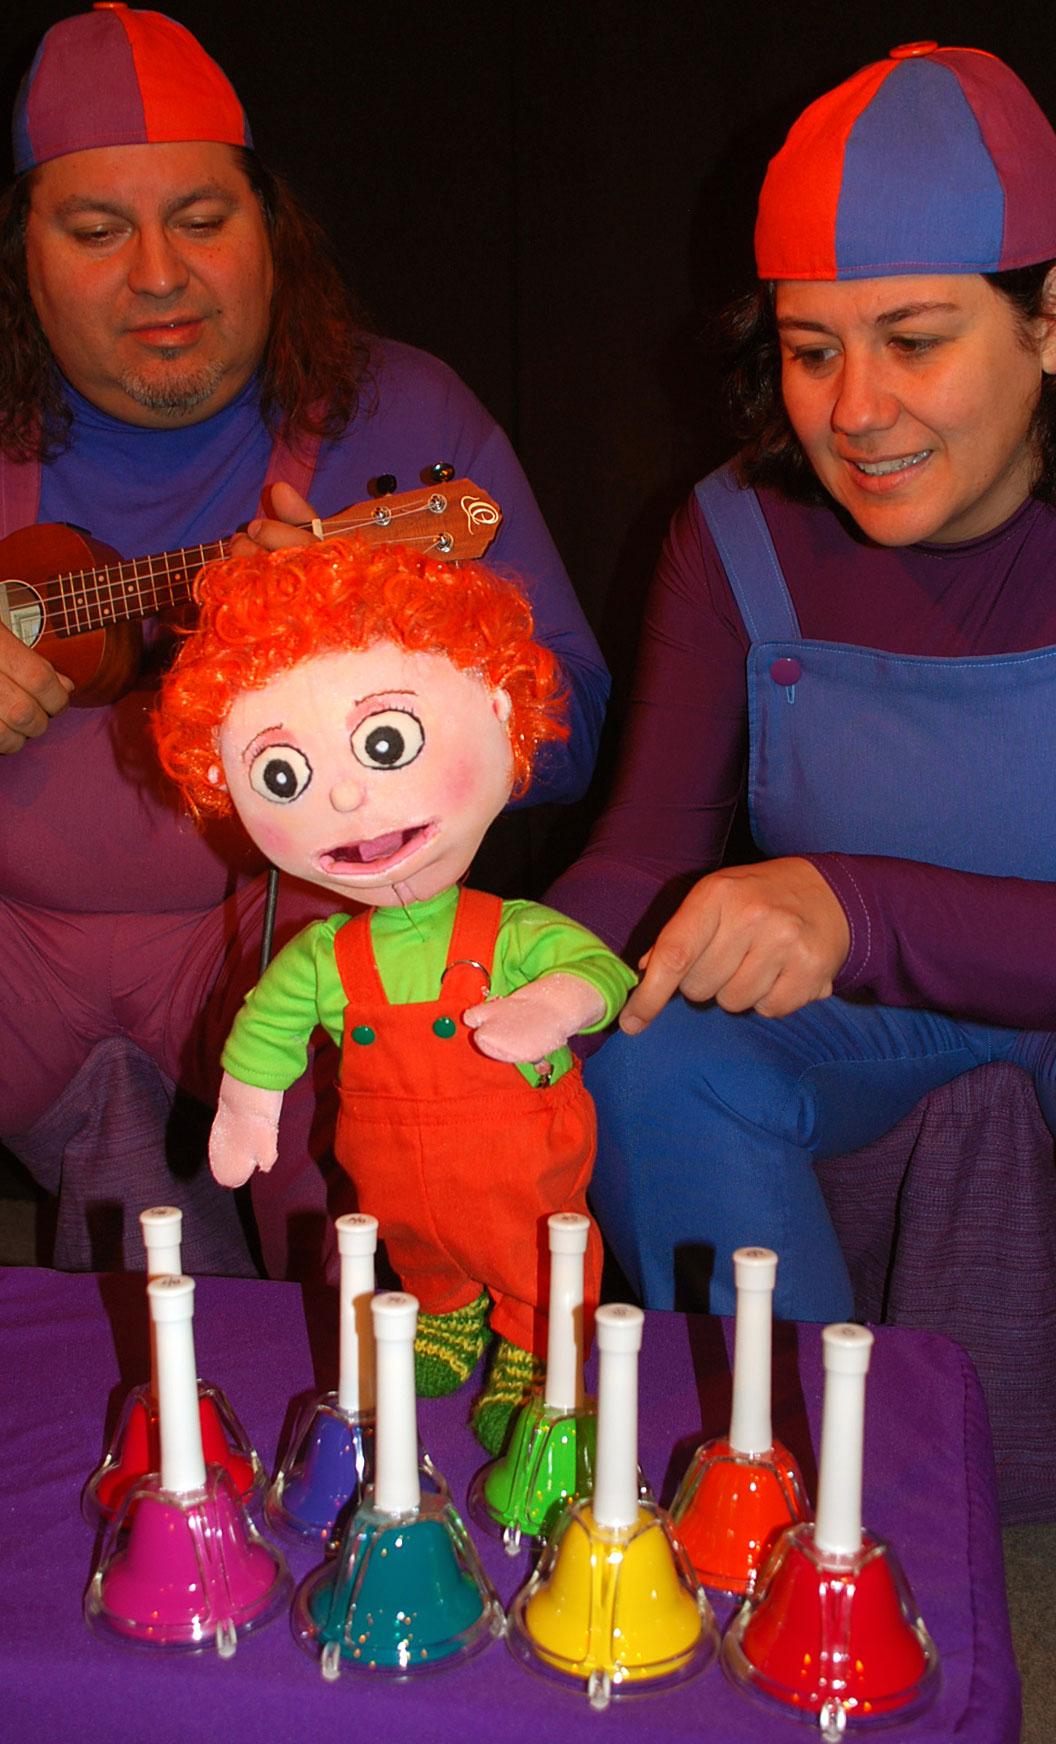 Pareja vestida con un peto azul y un gorro. A la izquierda un señor con ukelele y a la derecha una señora con marioneta de niño. Delante de ellos varias campanas.